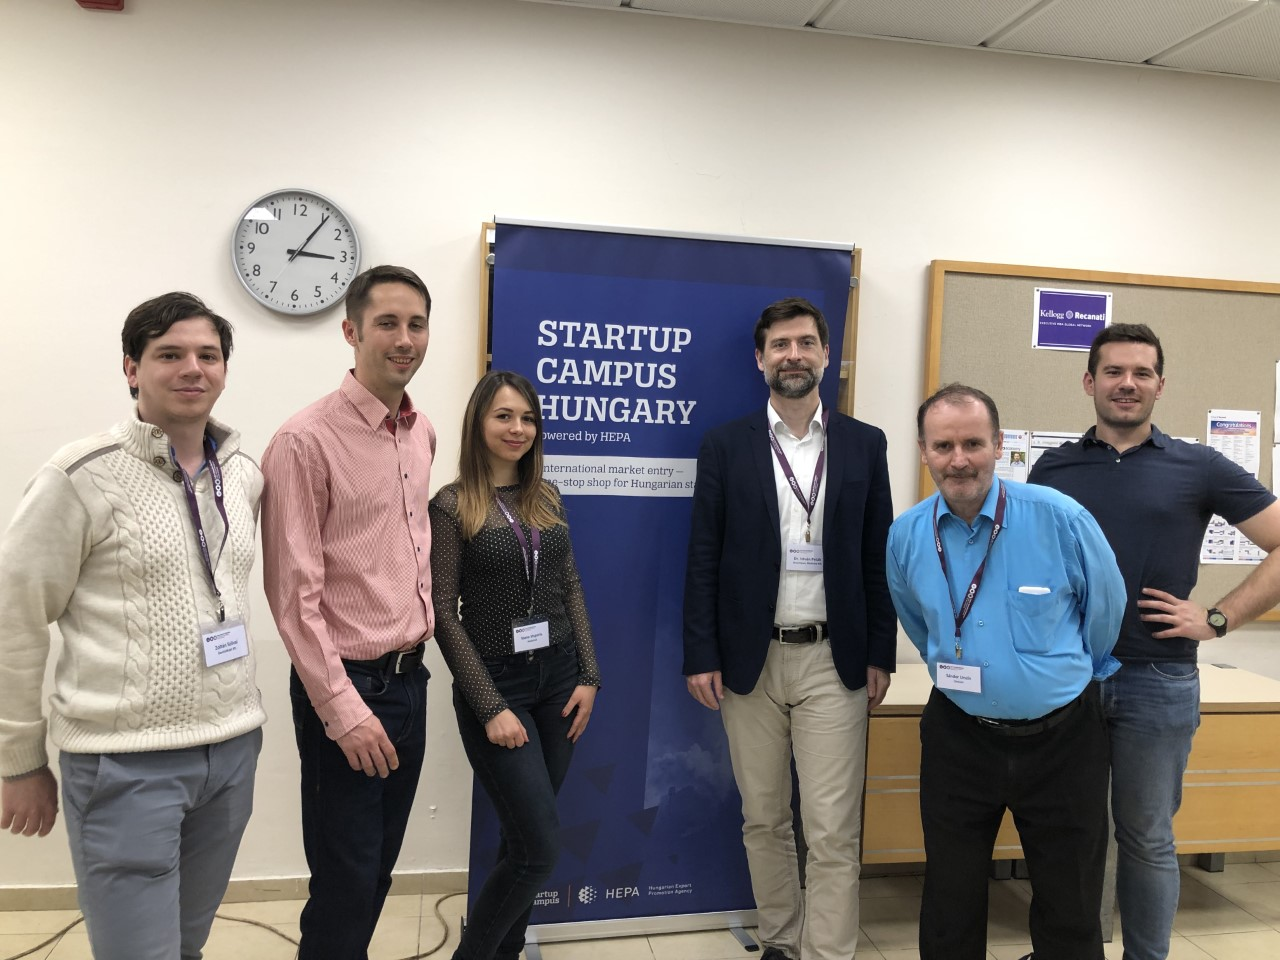 Magyar orvostechnológiai high tech cégek jártak továbbképzésen Izraelben